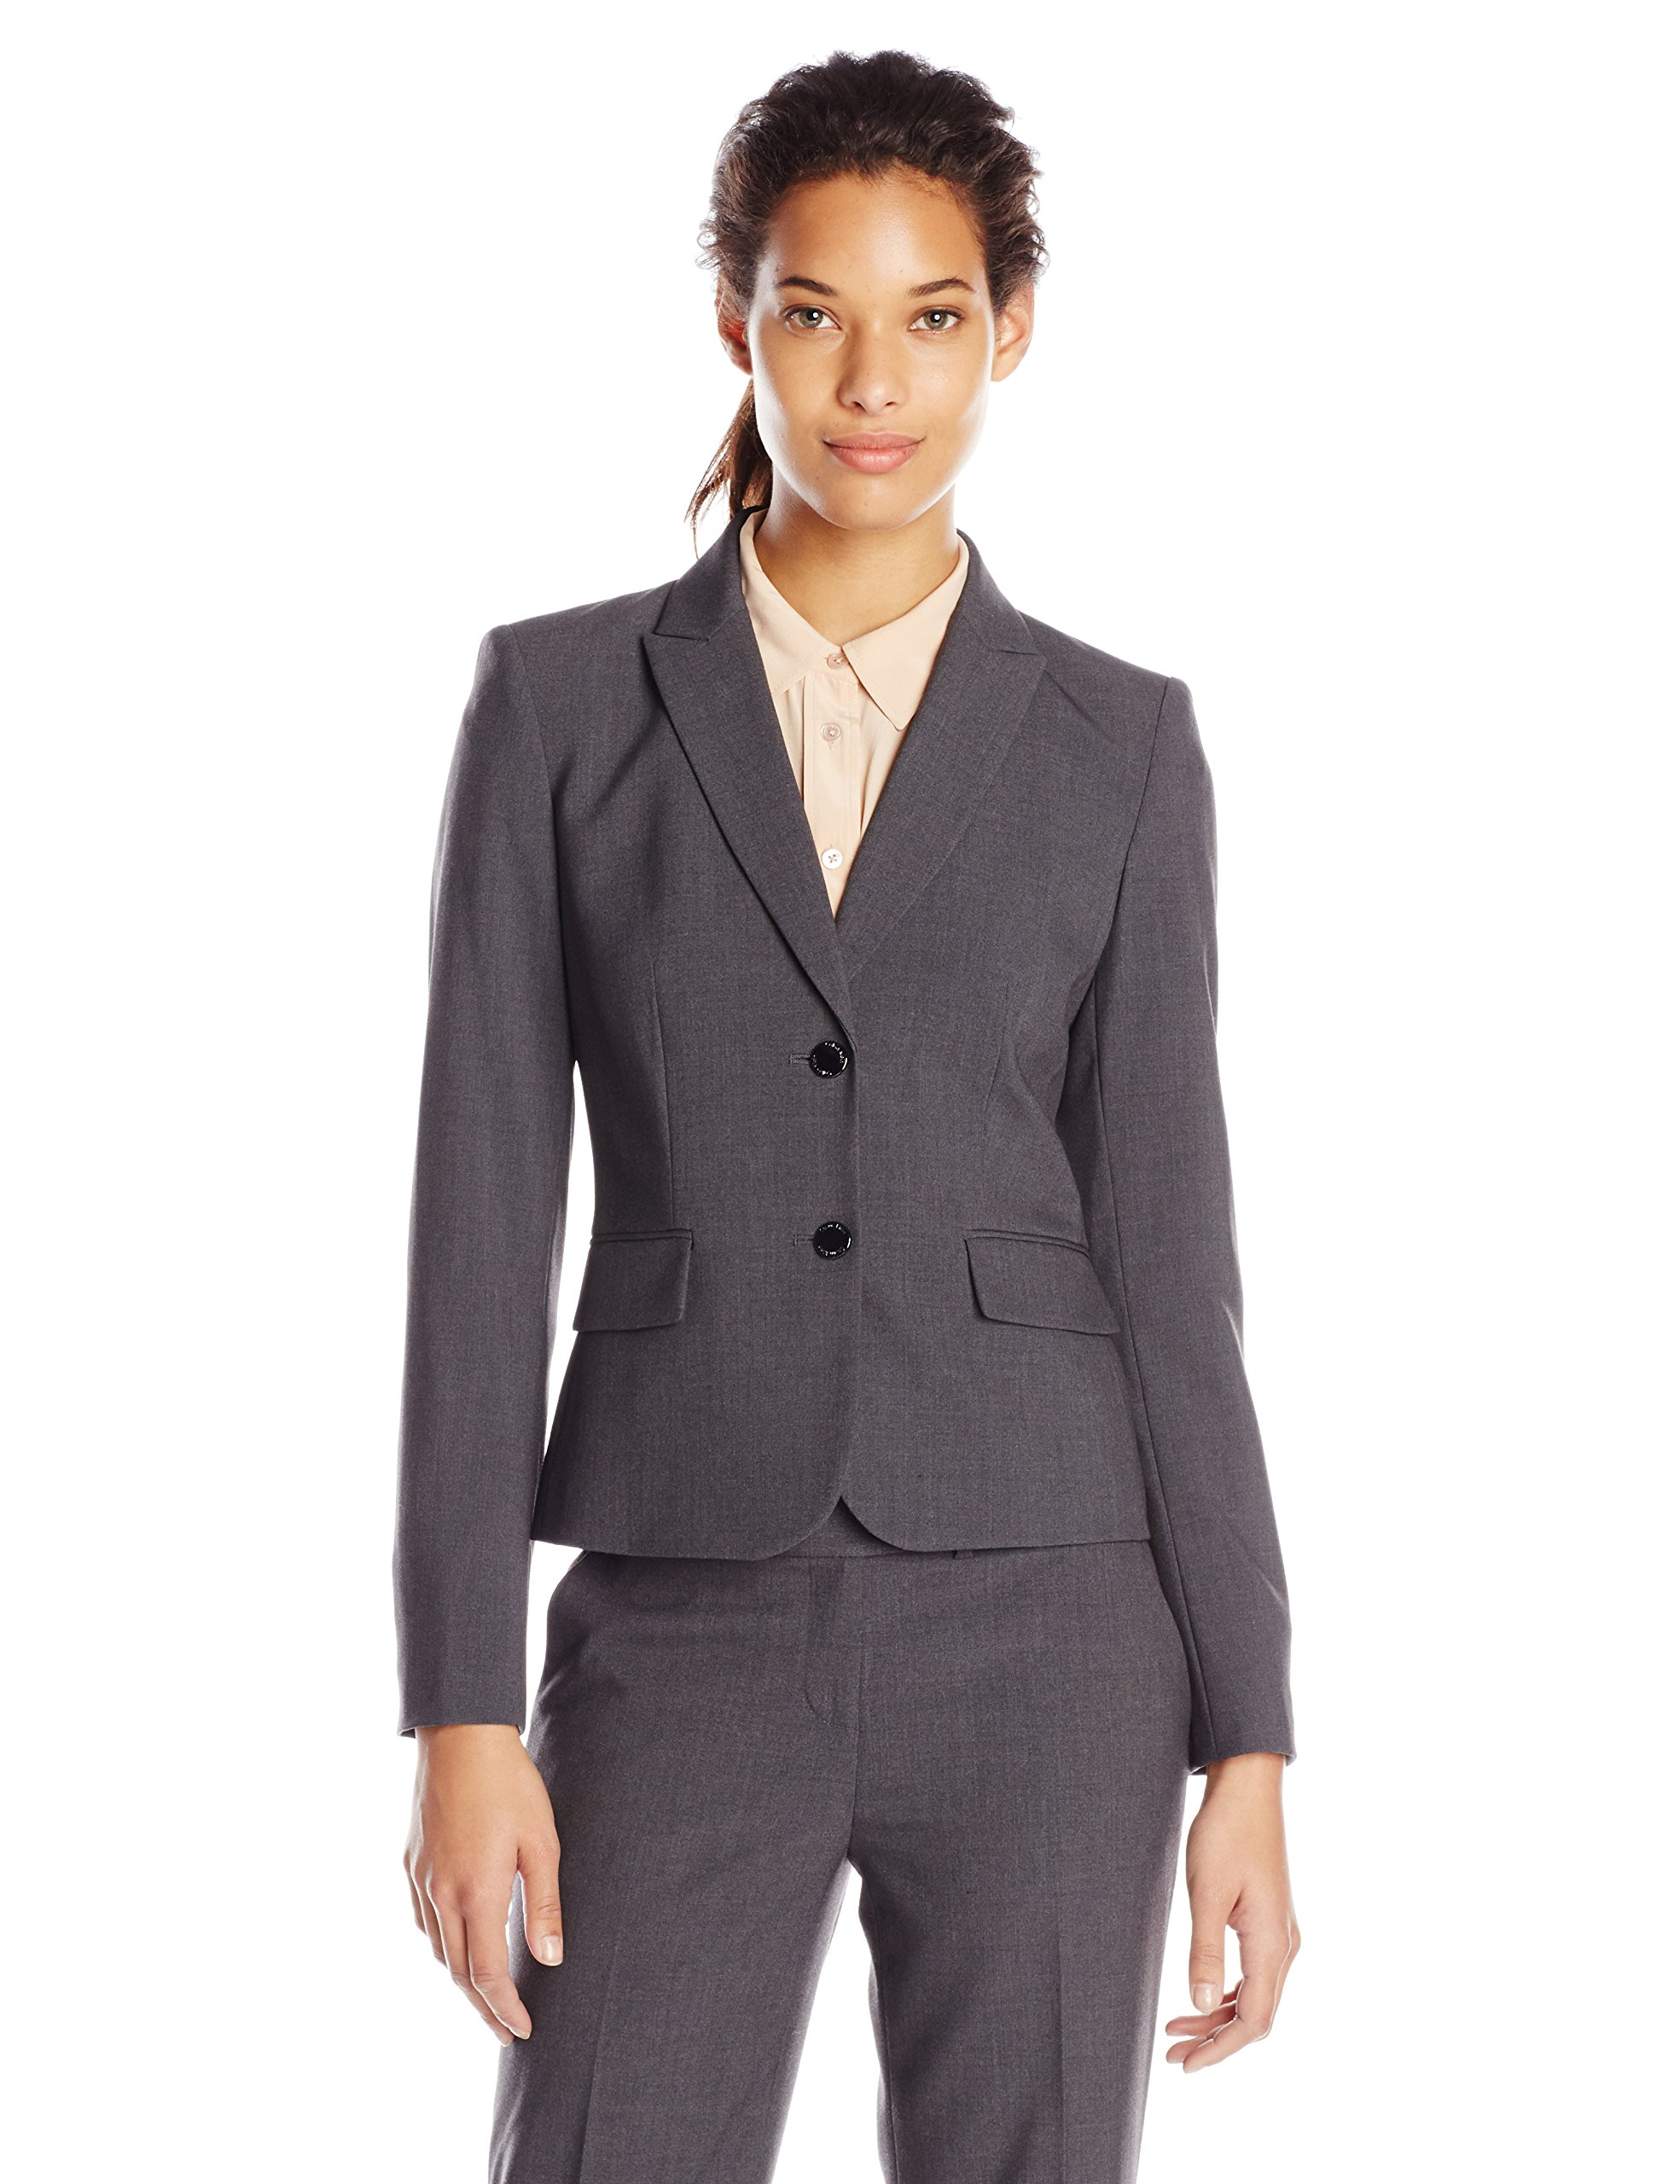 Calvin Klein Women's 2 Button Suit Jacket, Charcoal, 4